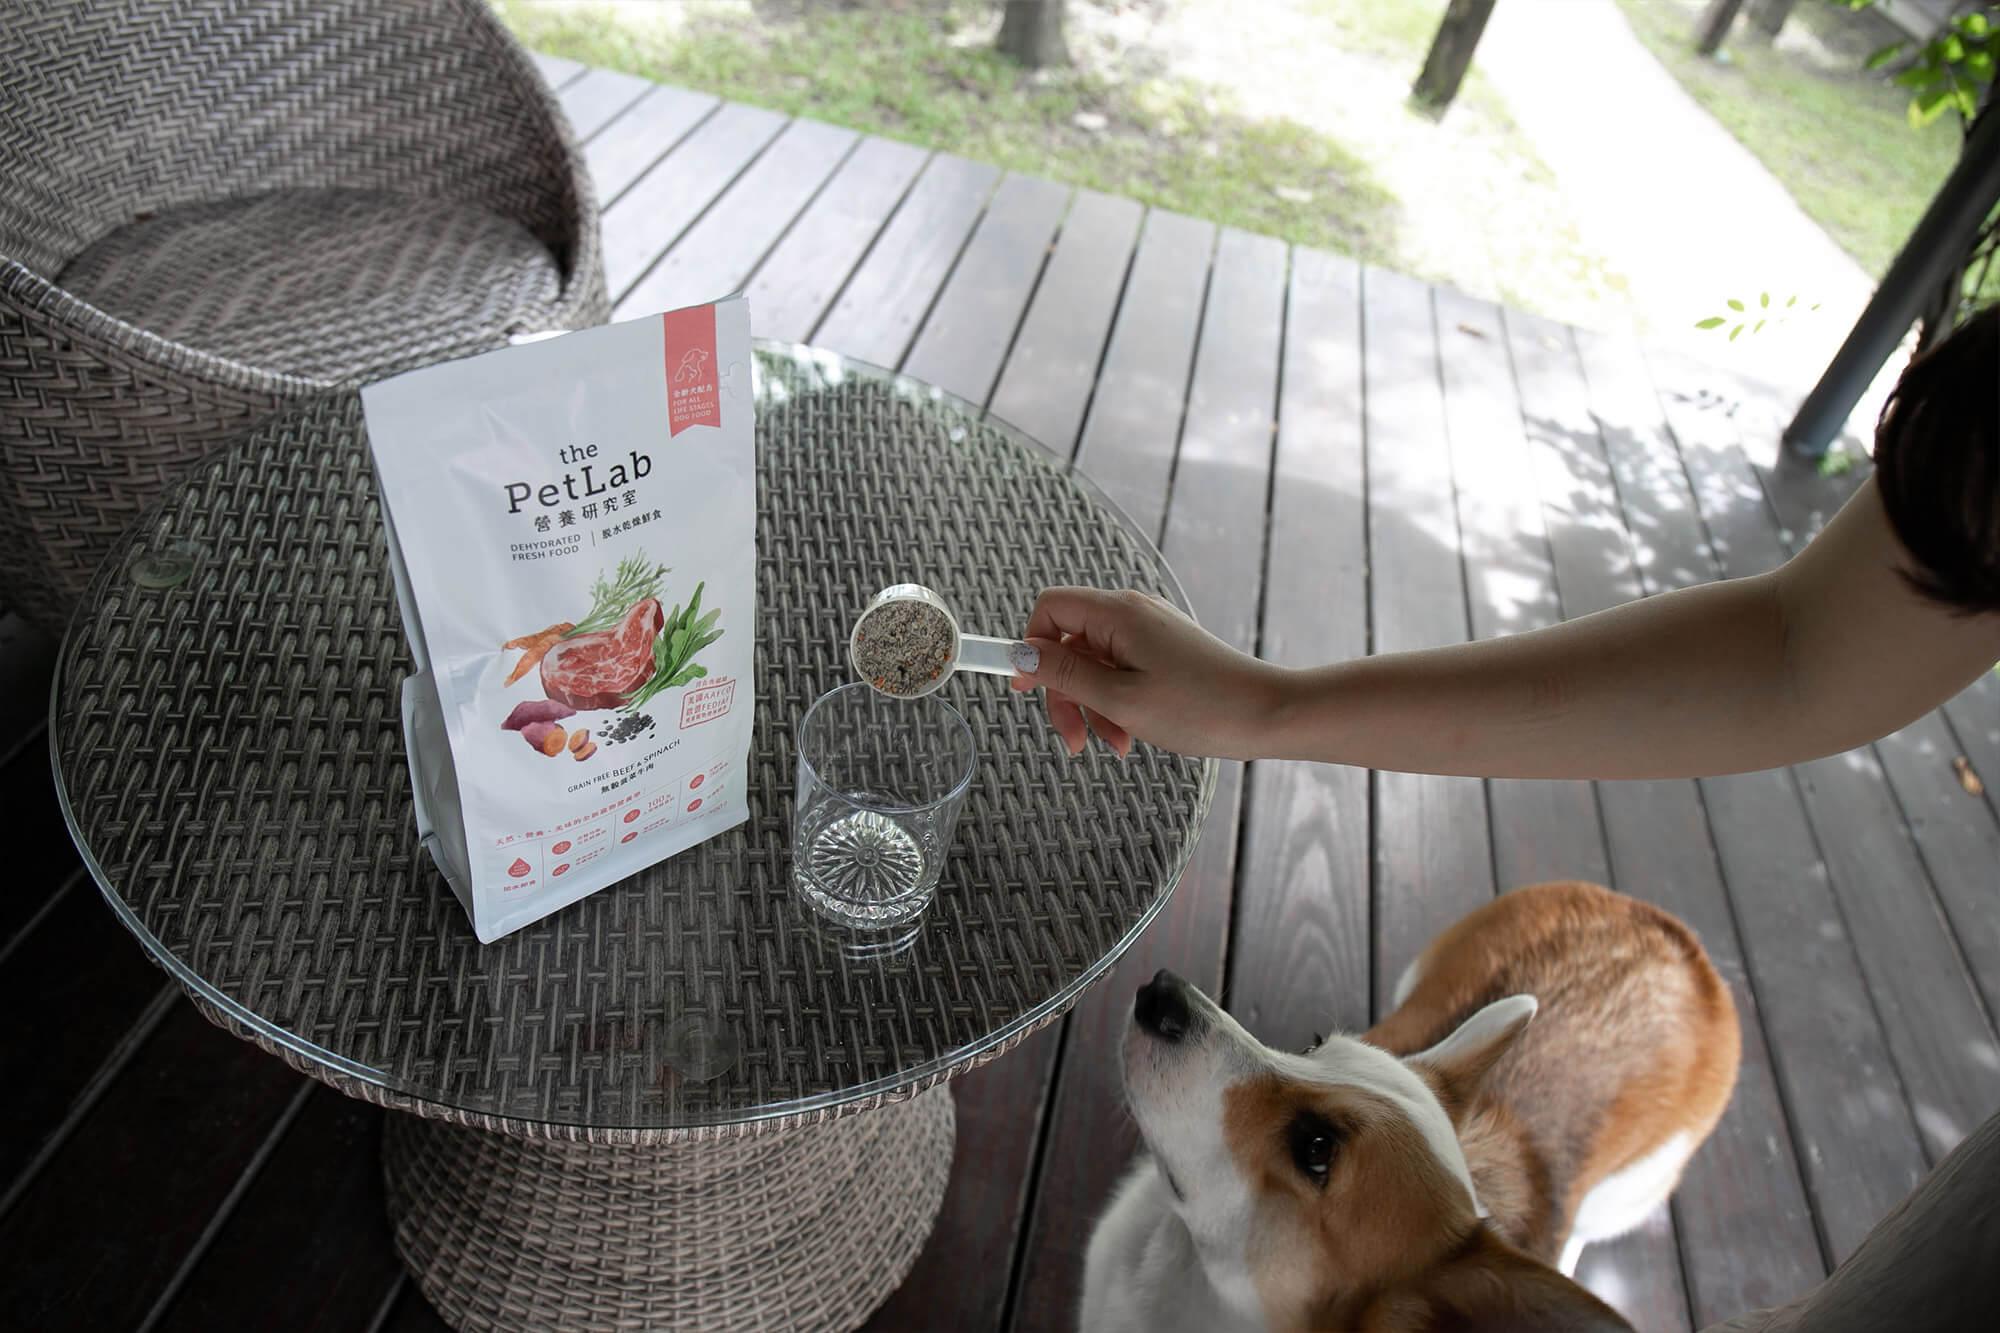 狗狗鮮食 the Pet Lab營養實驗室狗狗鮮食,只要沖泡3分鐘!-紅蘿蔔、菠菜、牛肉milu吃的超開心